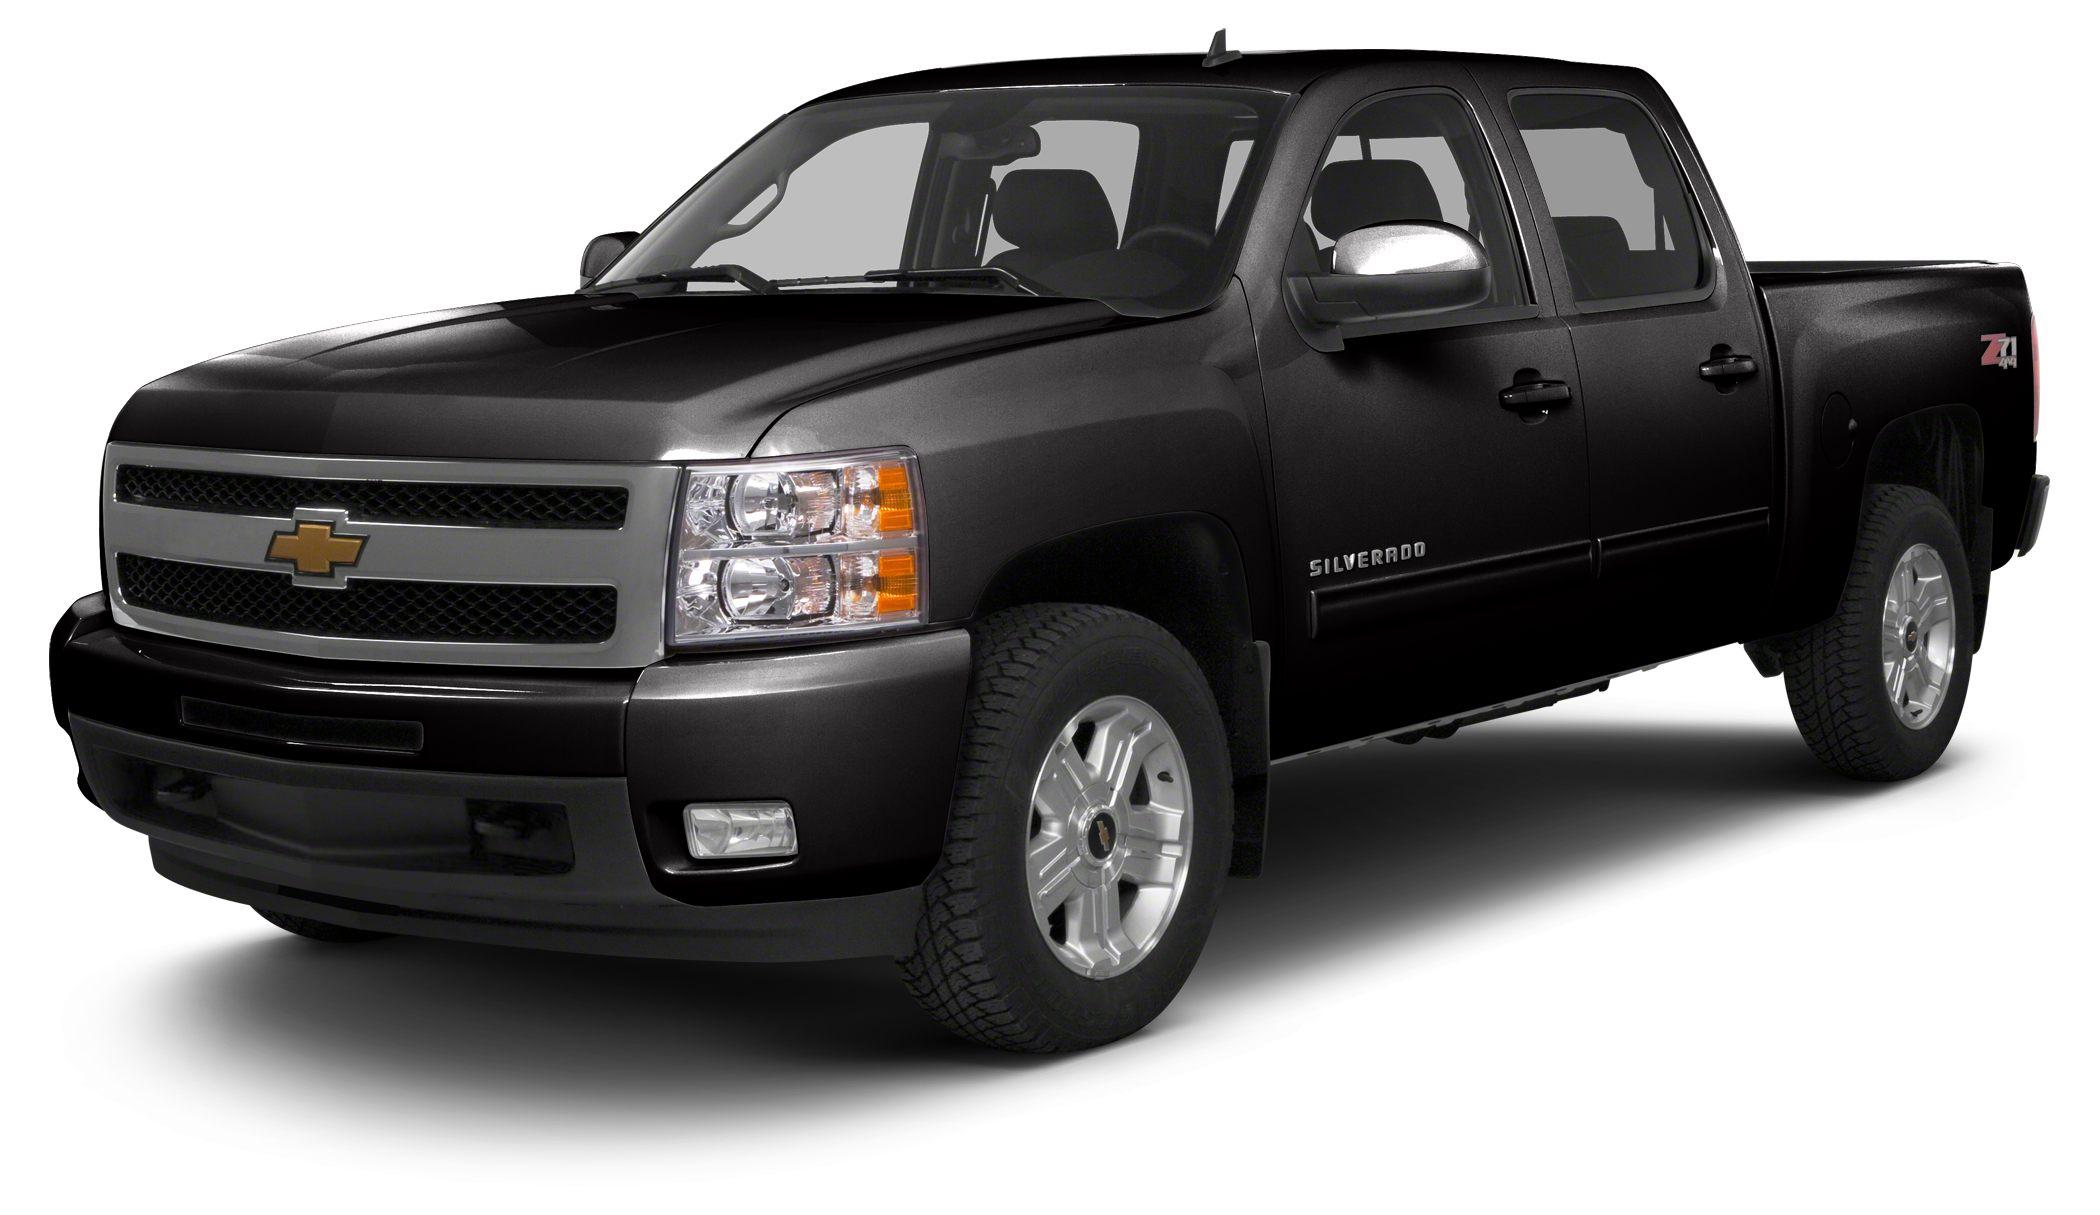 2013 Chevrolet Silverado 1500 LT Excellent Condition FUEL EFFICIENT 21 MPG Hwy15 MPG City AUDIO